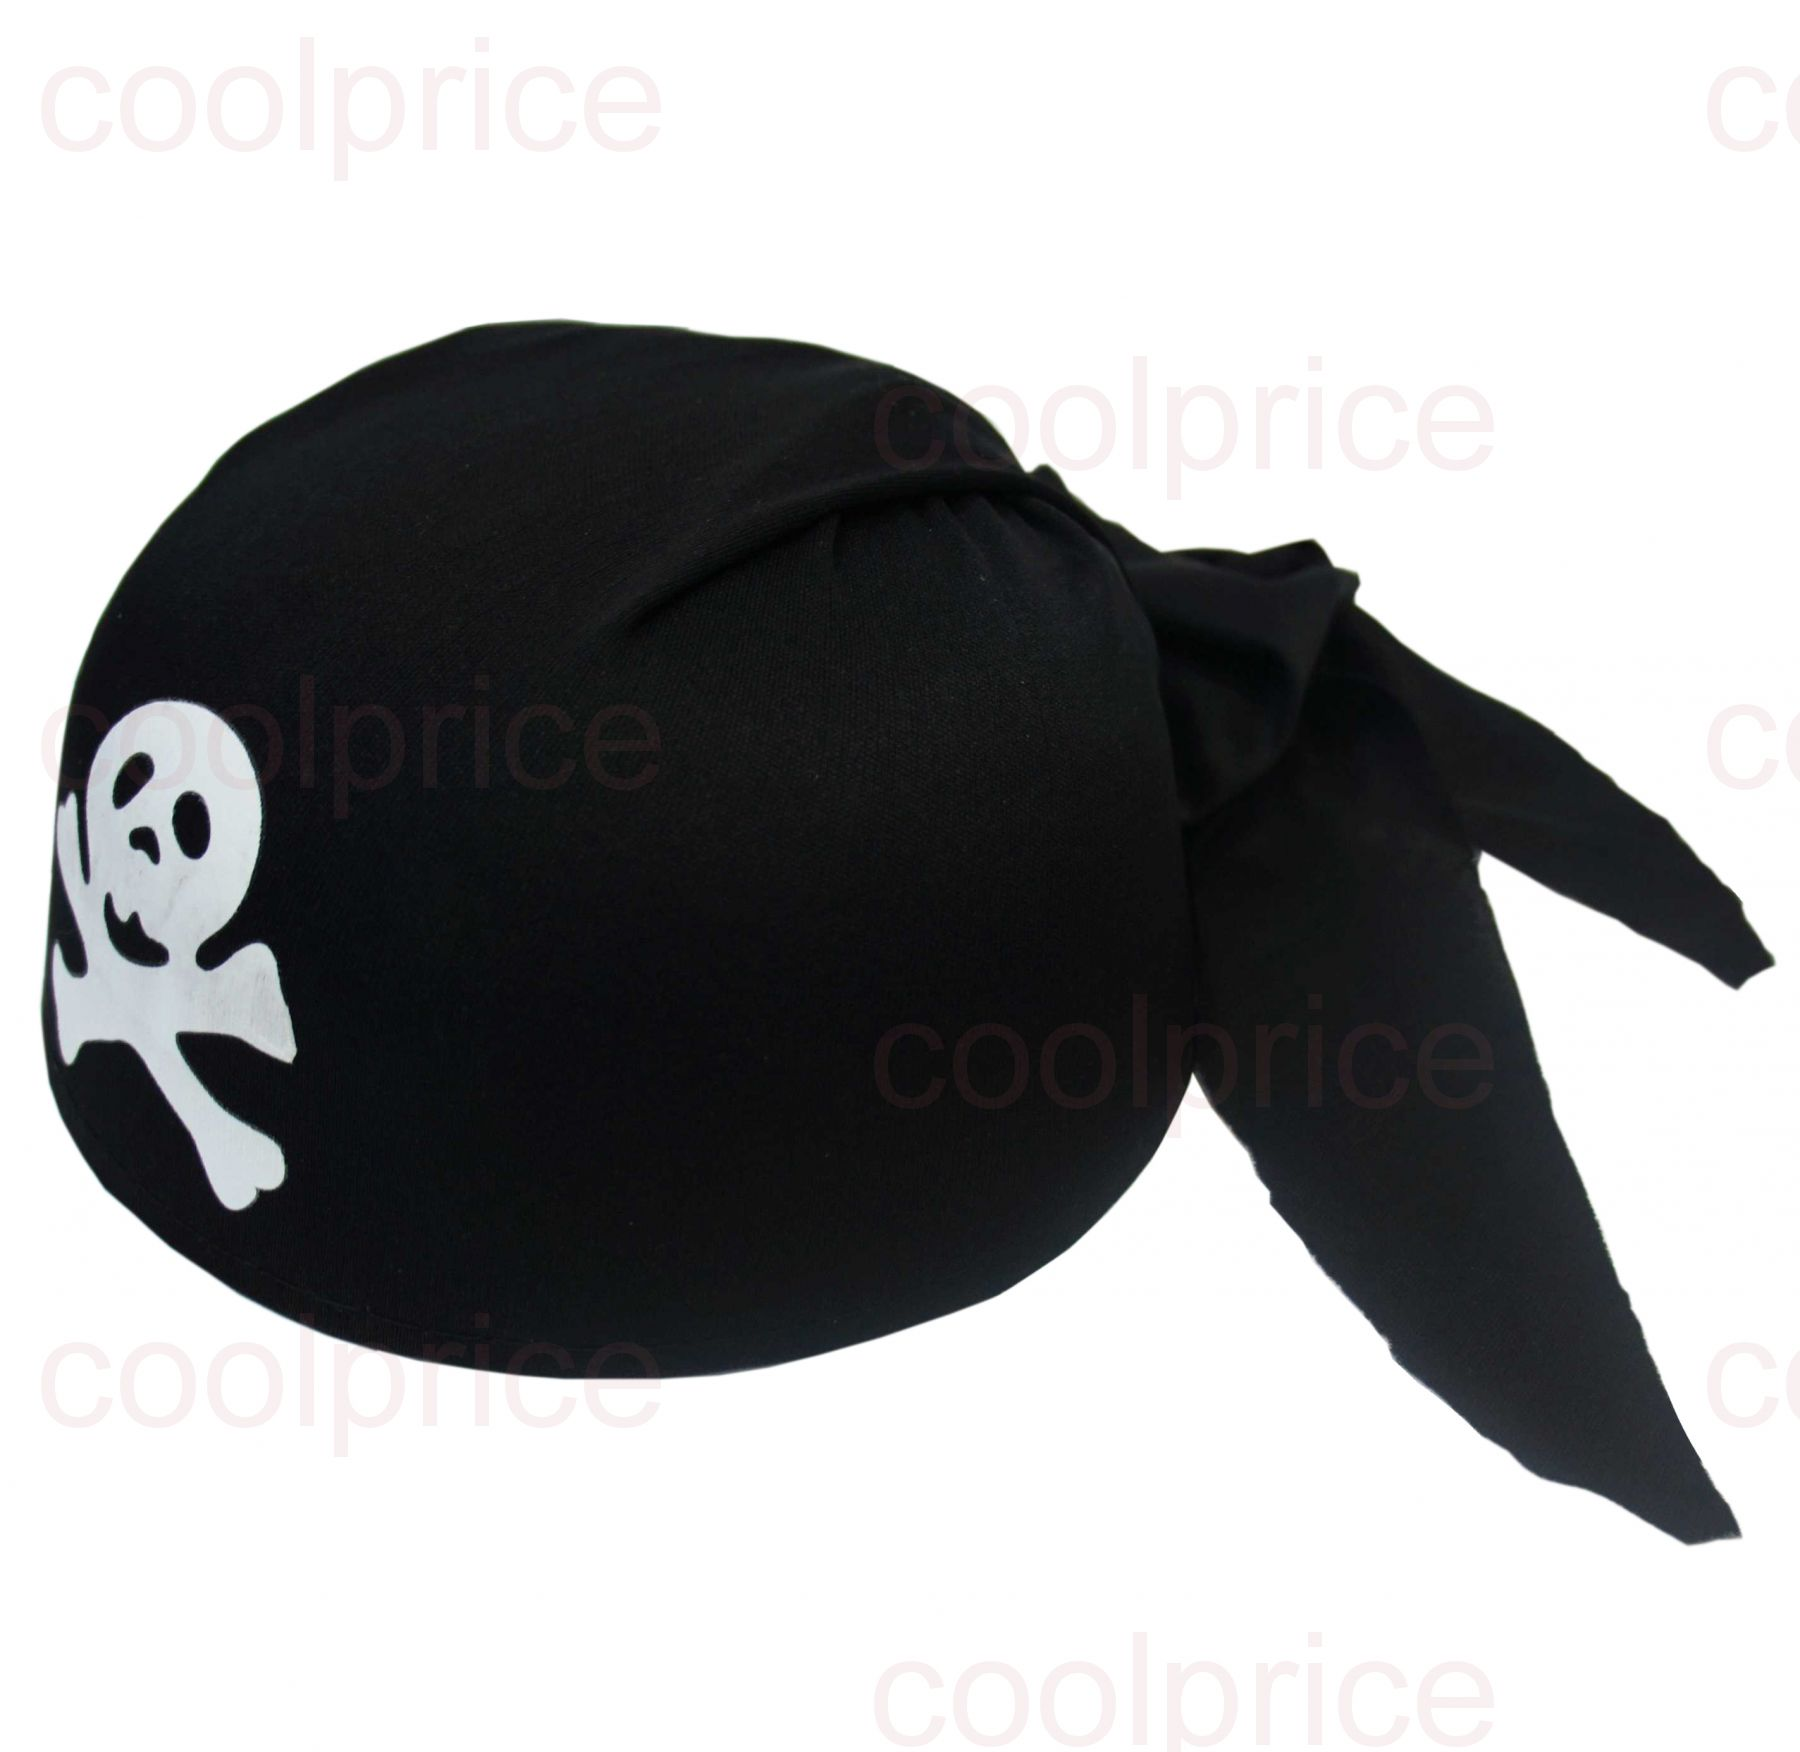 Шляпа пирата своими руками : Бесплатный сайт файлов